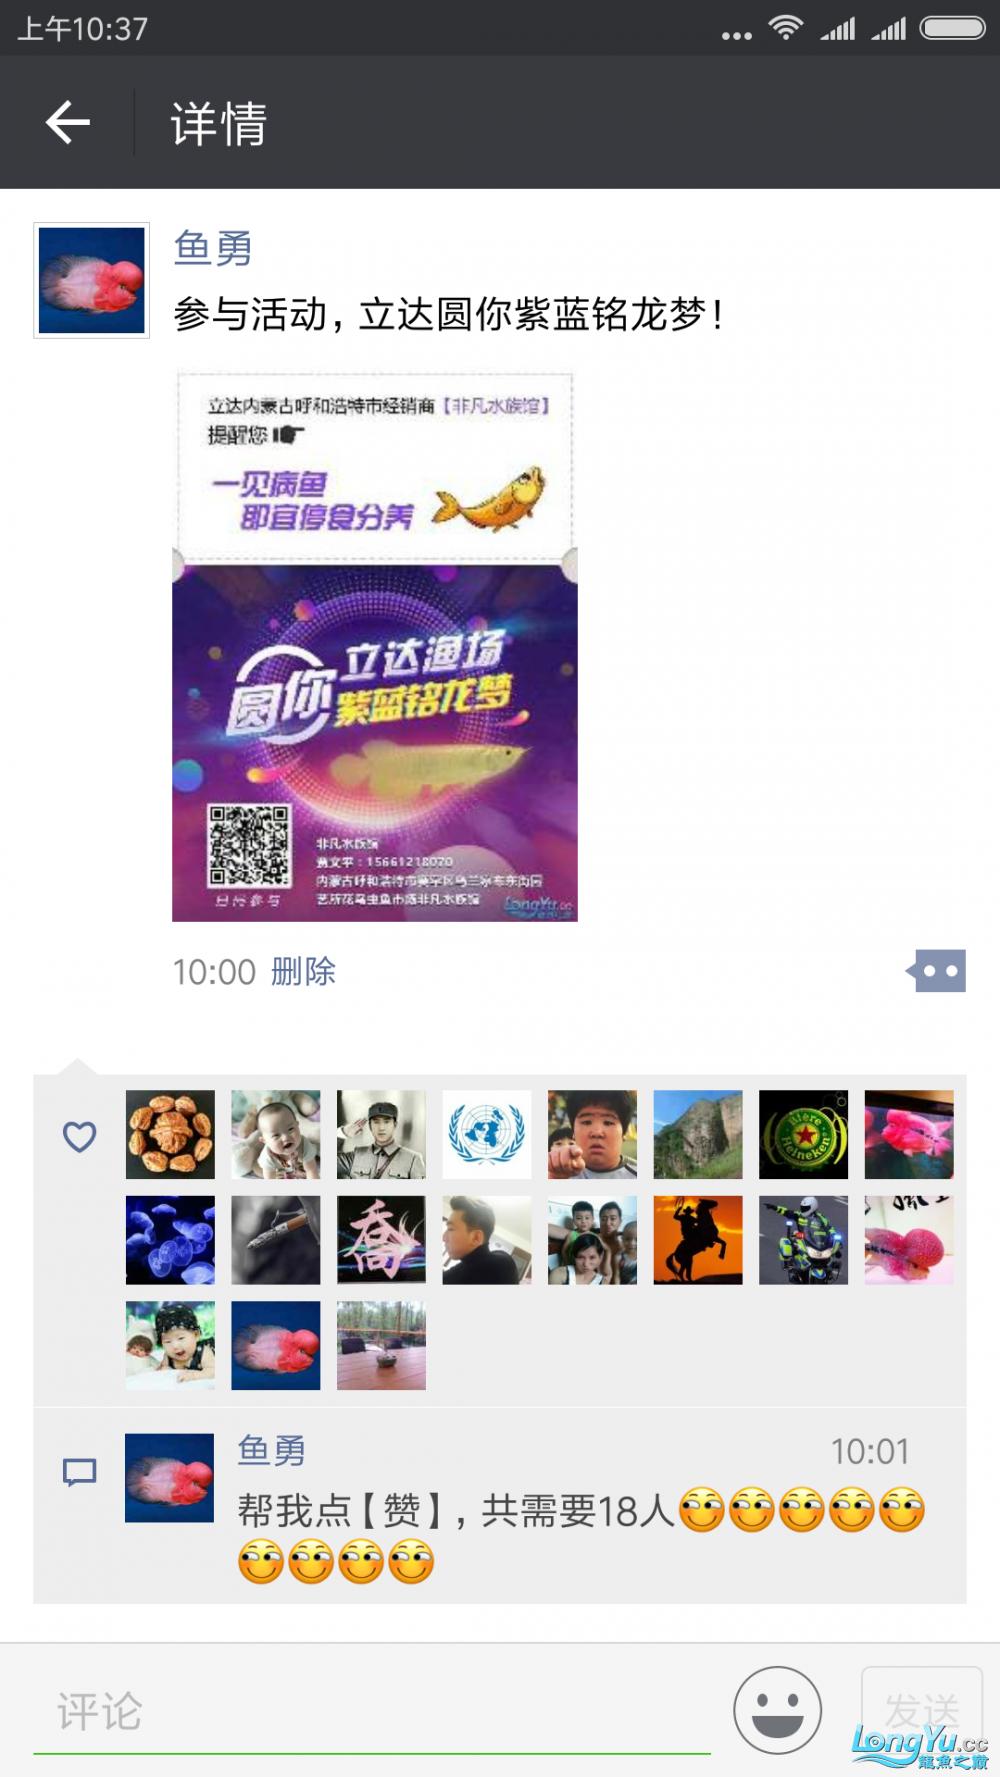 Screenshot_2017-12-07-10-37-38-118_com.tencent.mm.png